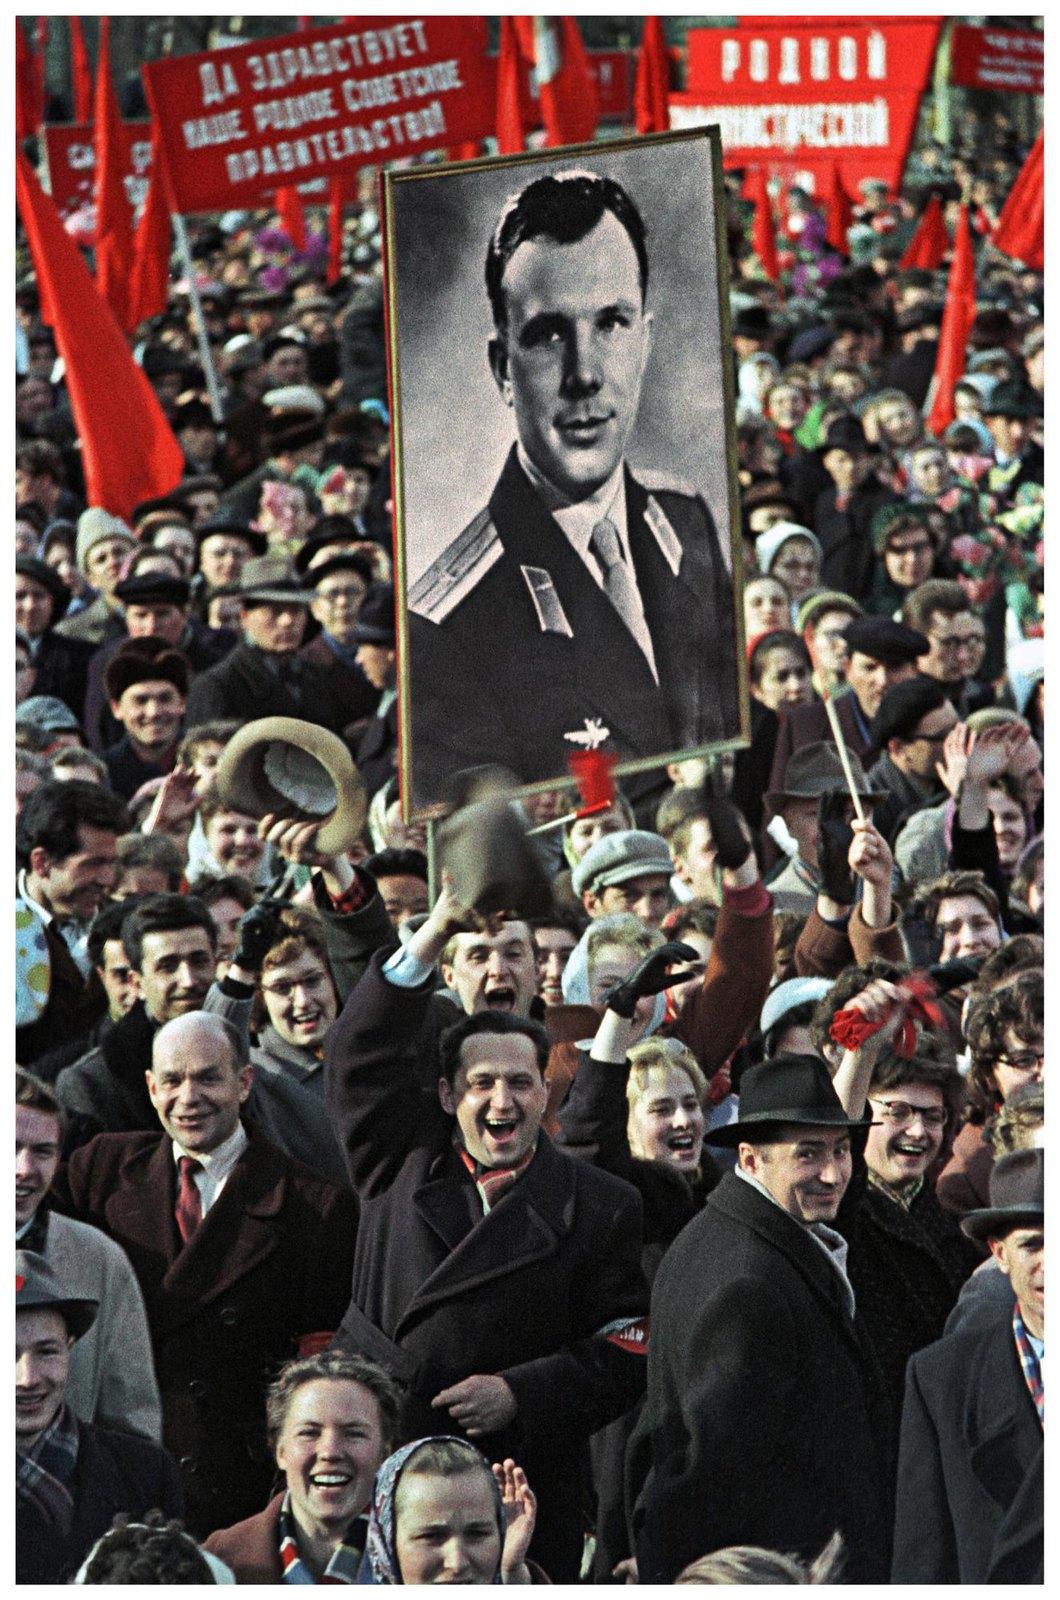 1961. Трудящиеся на Красной площади встречают Юрия Алексеевича Гагарина. 14 апреля